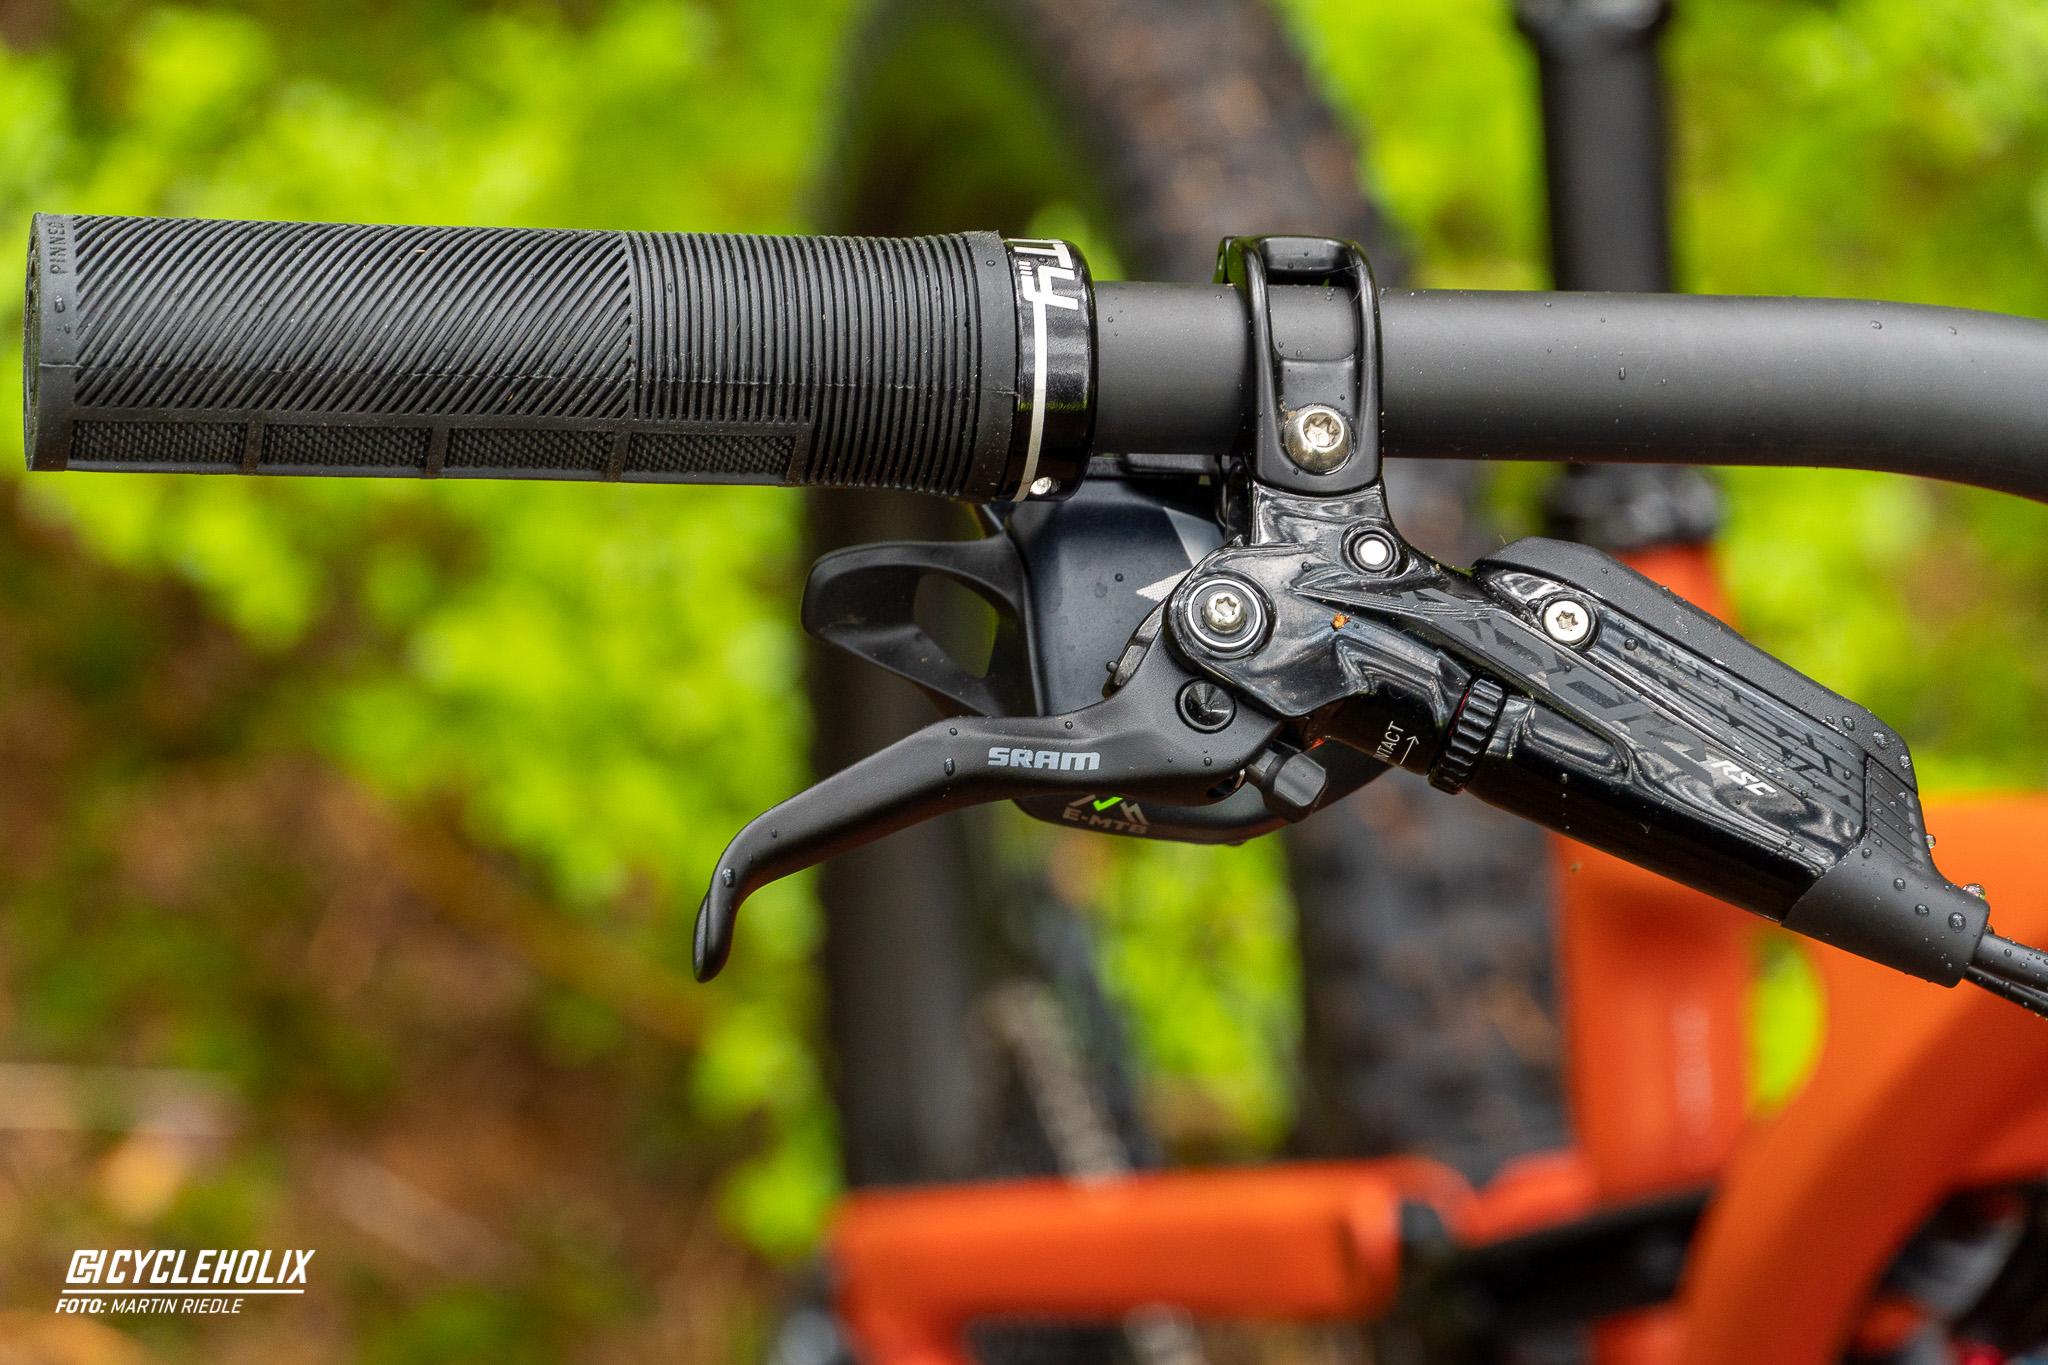 Specialized Levo 5 Cycleholix